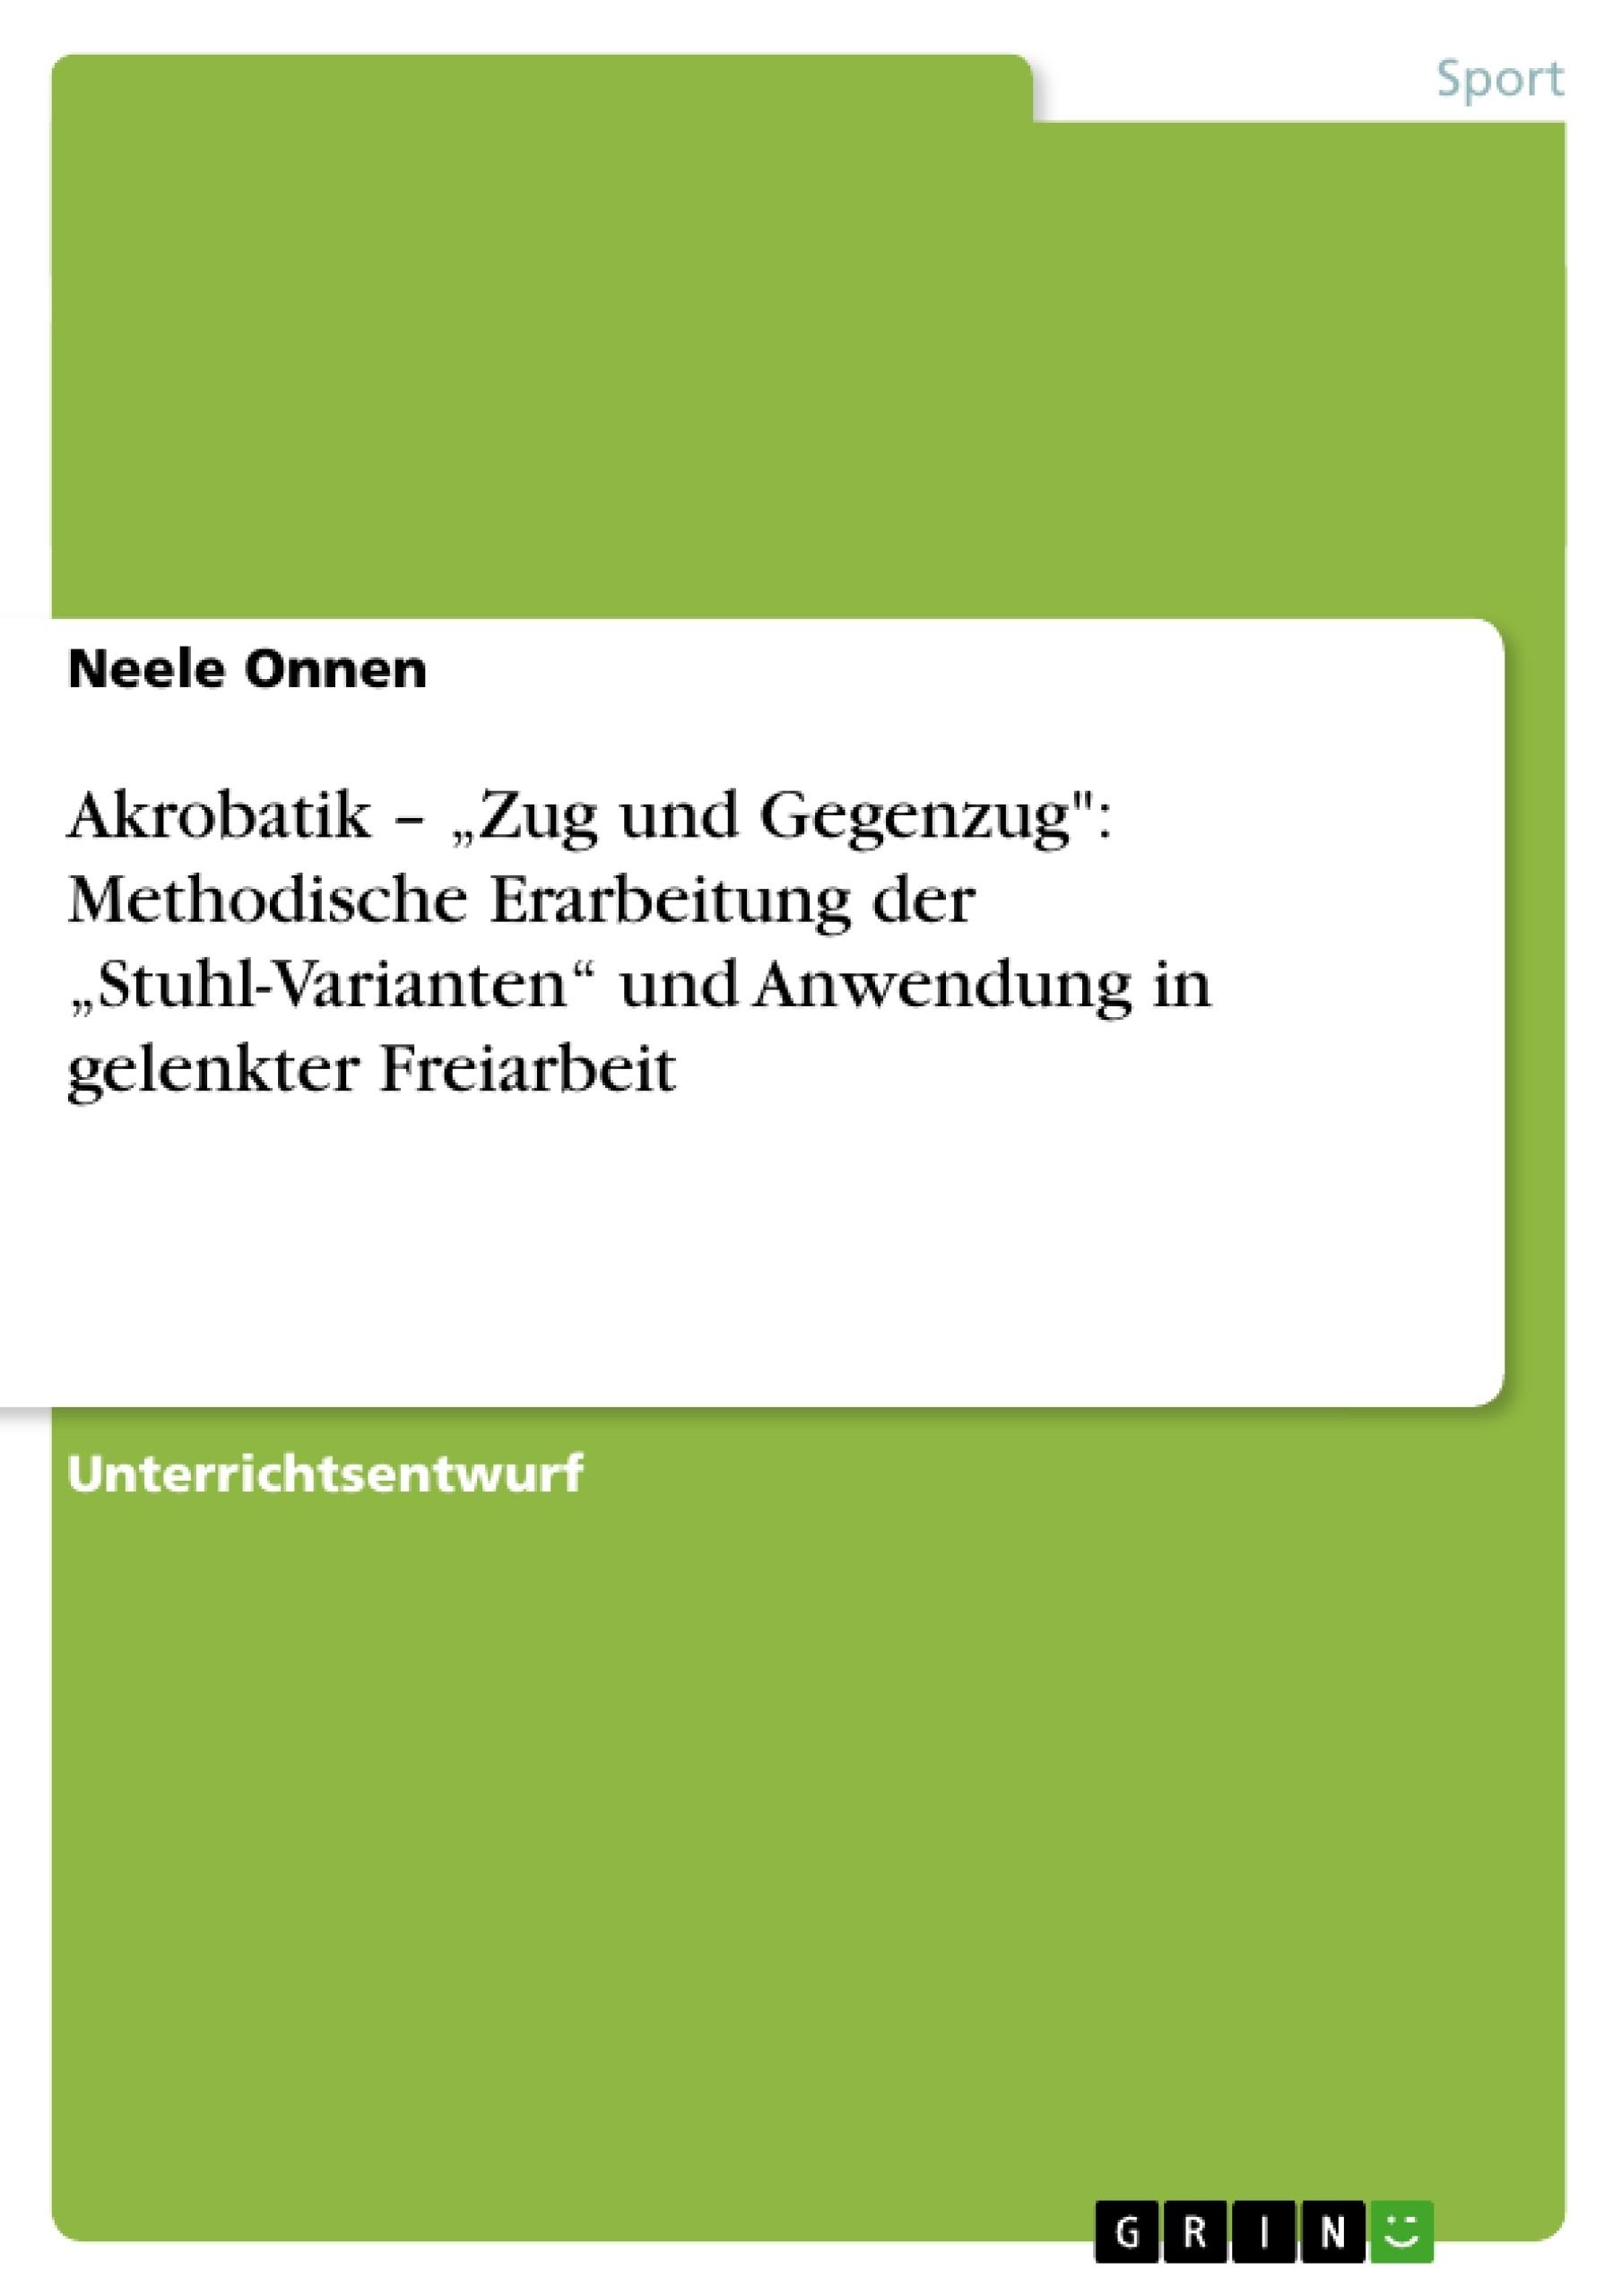 """Titel: Akrobatik – """"Zug und Gegenzug"""": Methodische Erarbeitung der """"Stuhl-Varianten"""" und Anwendung in gelenkter Freiarbeit"""